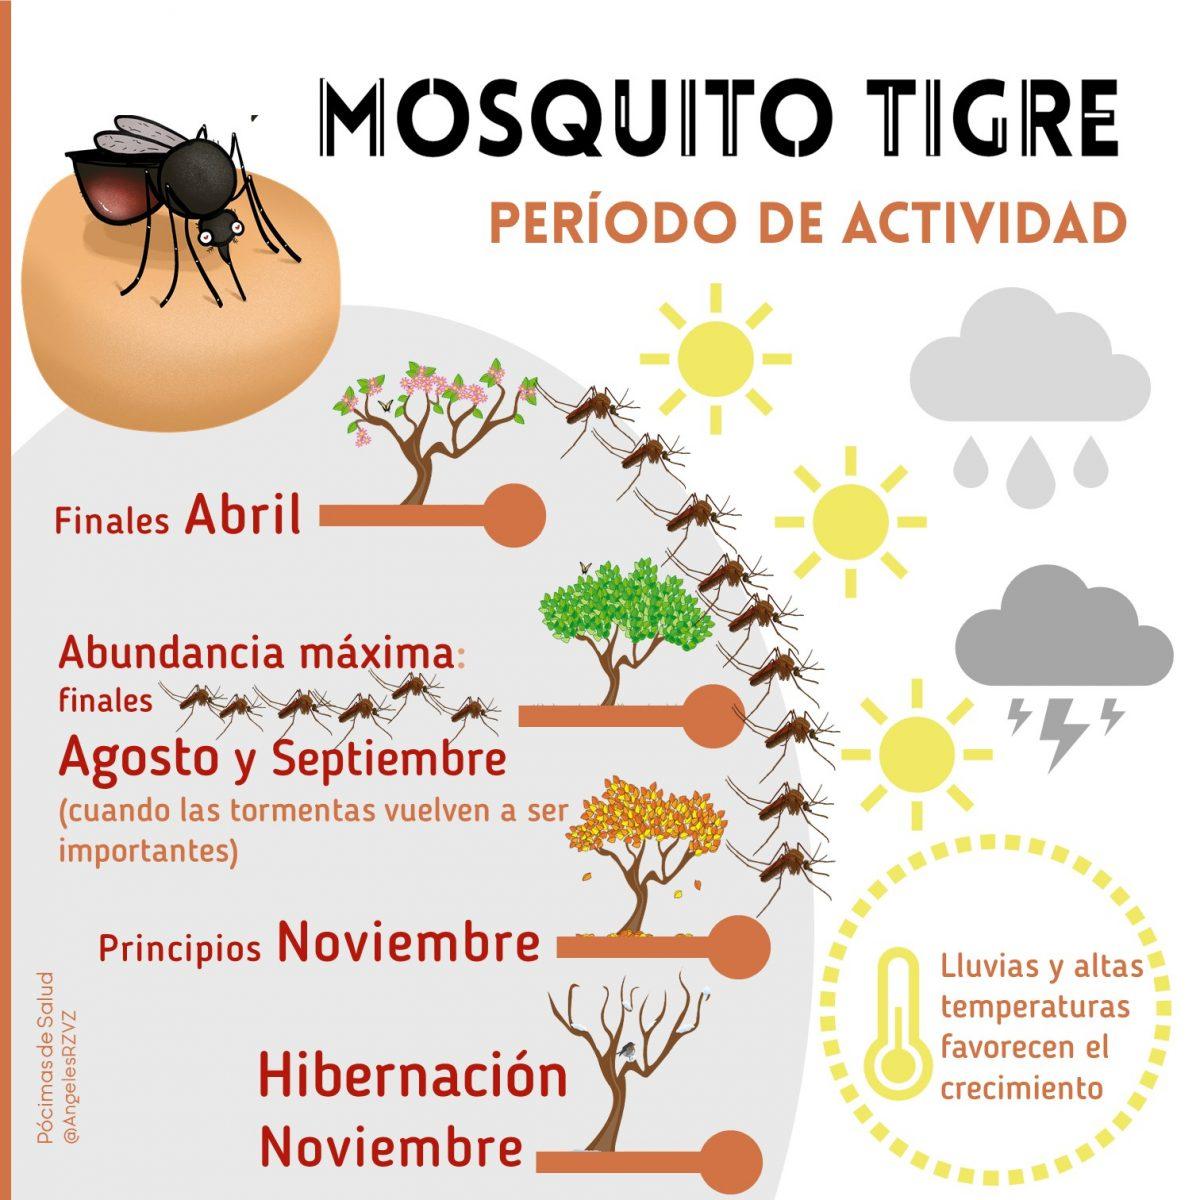 periodo-actividad-mosquito-tigre